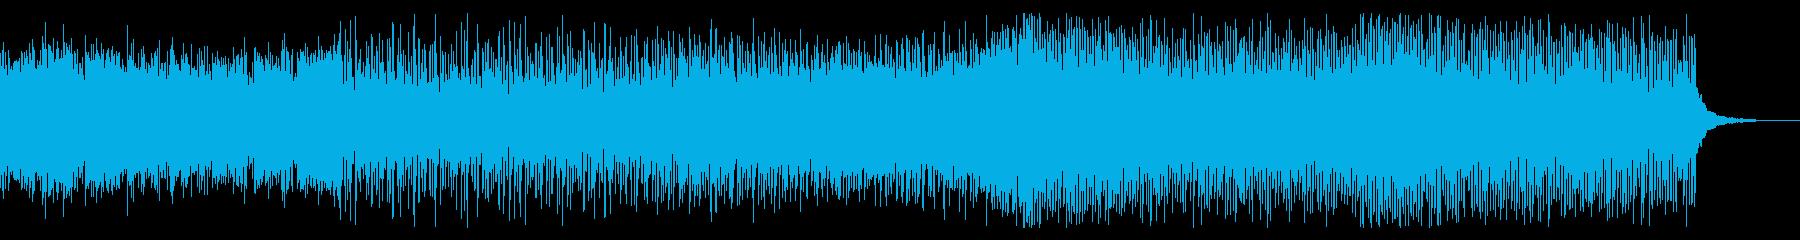 シネマティックなトラップミュージックの再生済みの波形